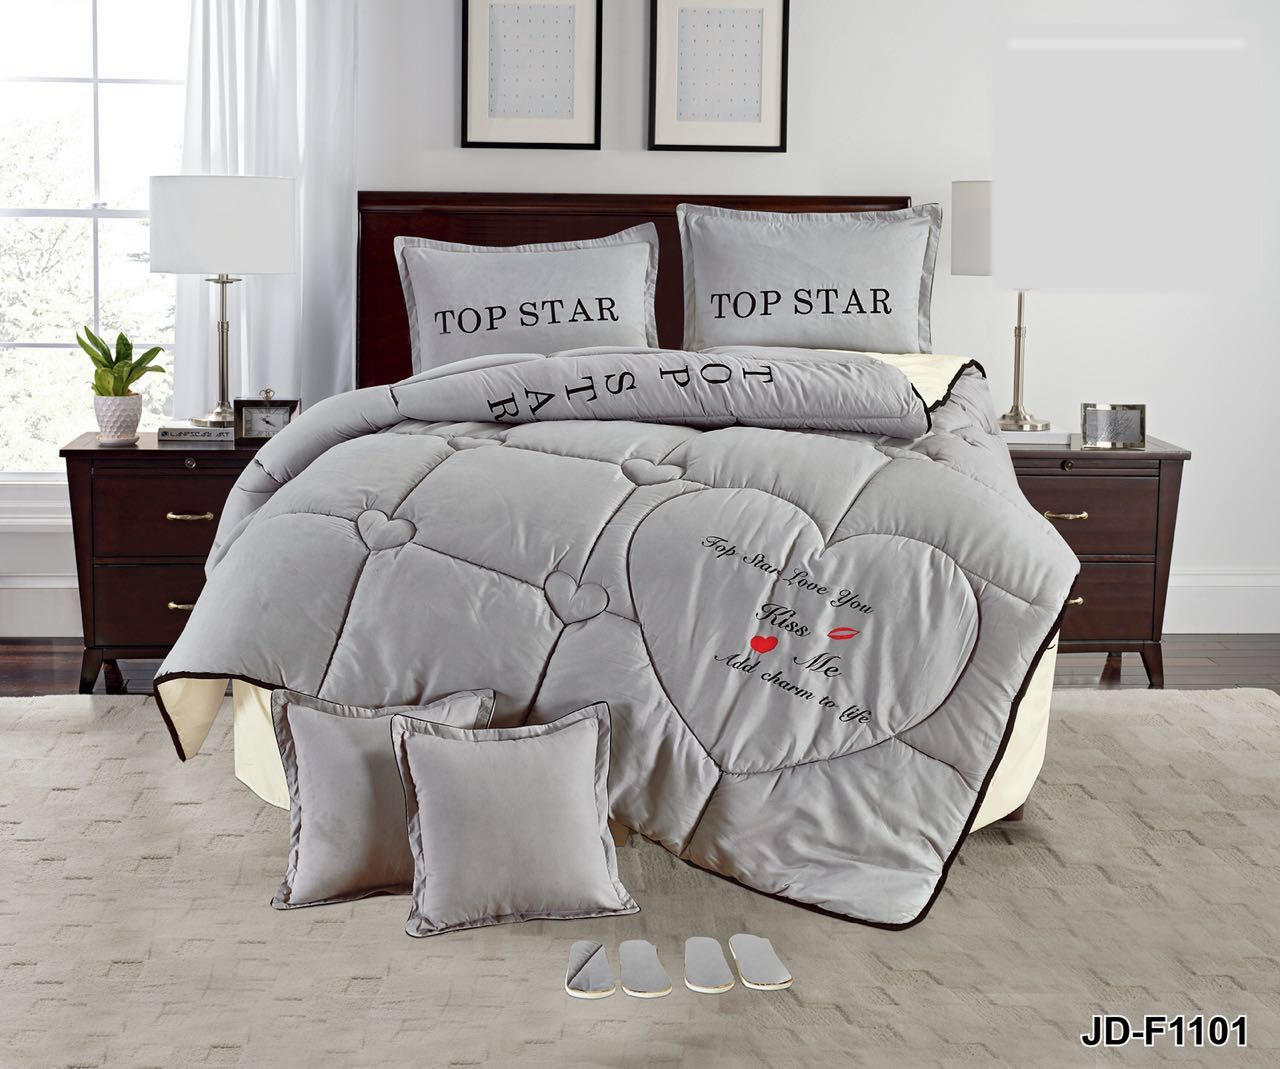 لطلب واتس اب فقط 0543221247 مفارش نفر مفارش نفرين مفارش نفاس مفارش اطفال مفارش عرائسي لحاف القلب افخم الحافات ساده Cool Christmas Trees Bed Bed Sheets